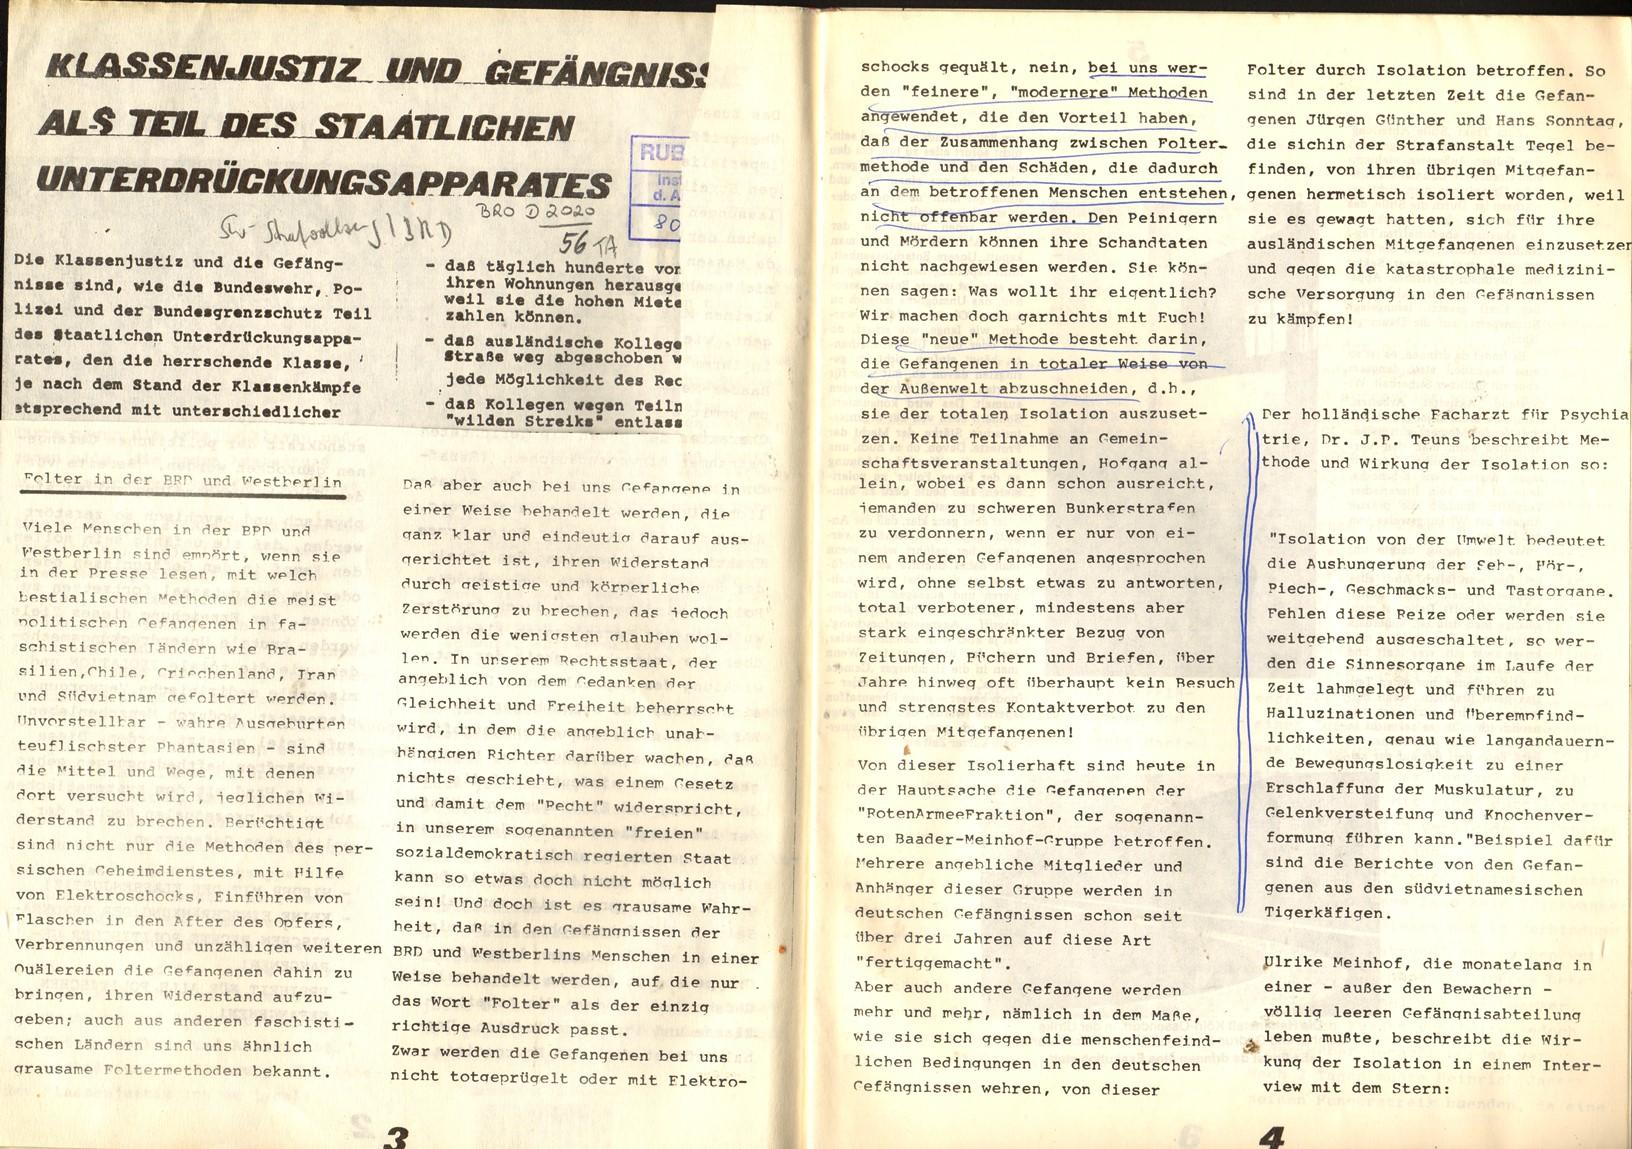 Berlin_RHeV_1974_Schluss_mit_der_Isolationsfolter_03